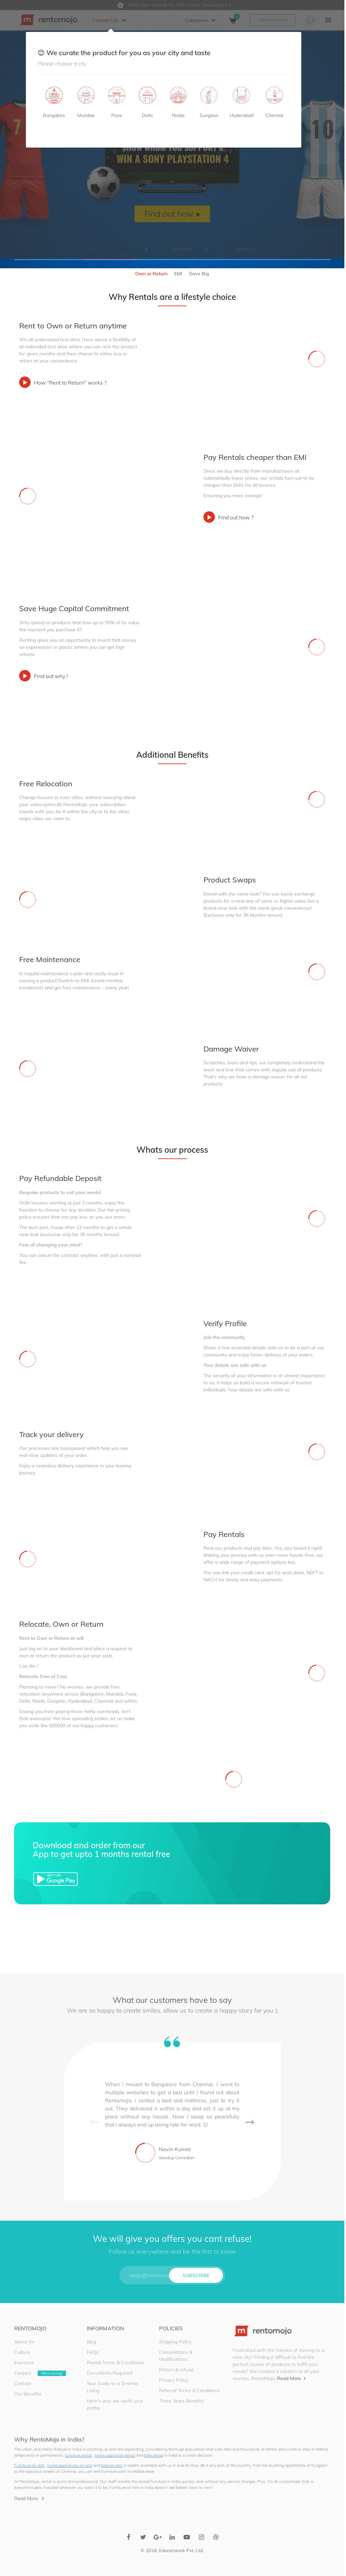 Investointi pankkiiri dating Website